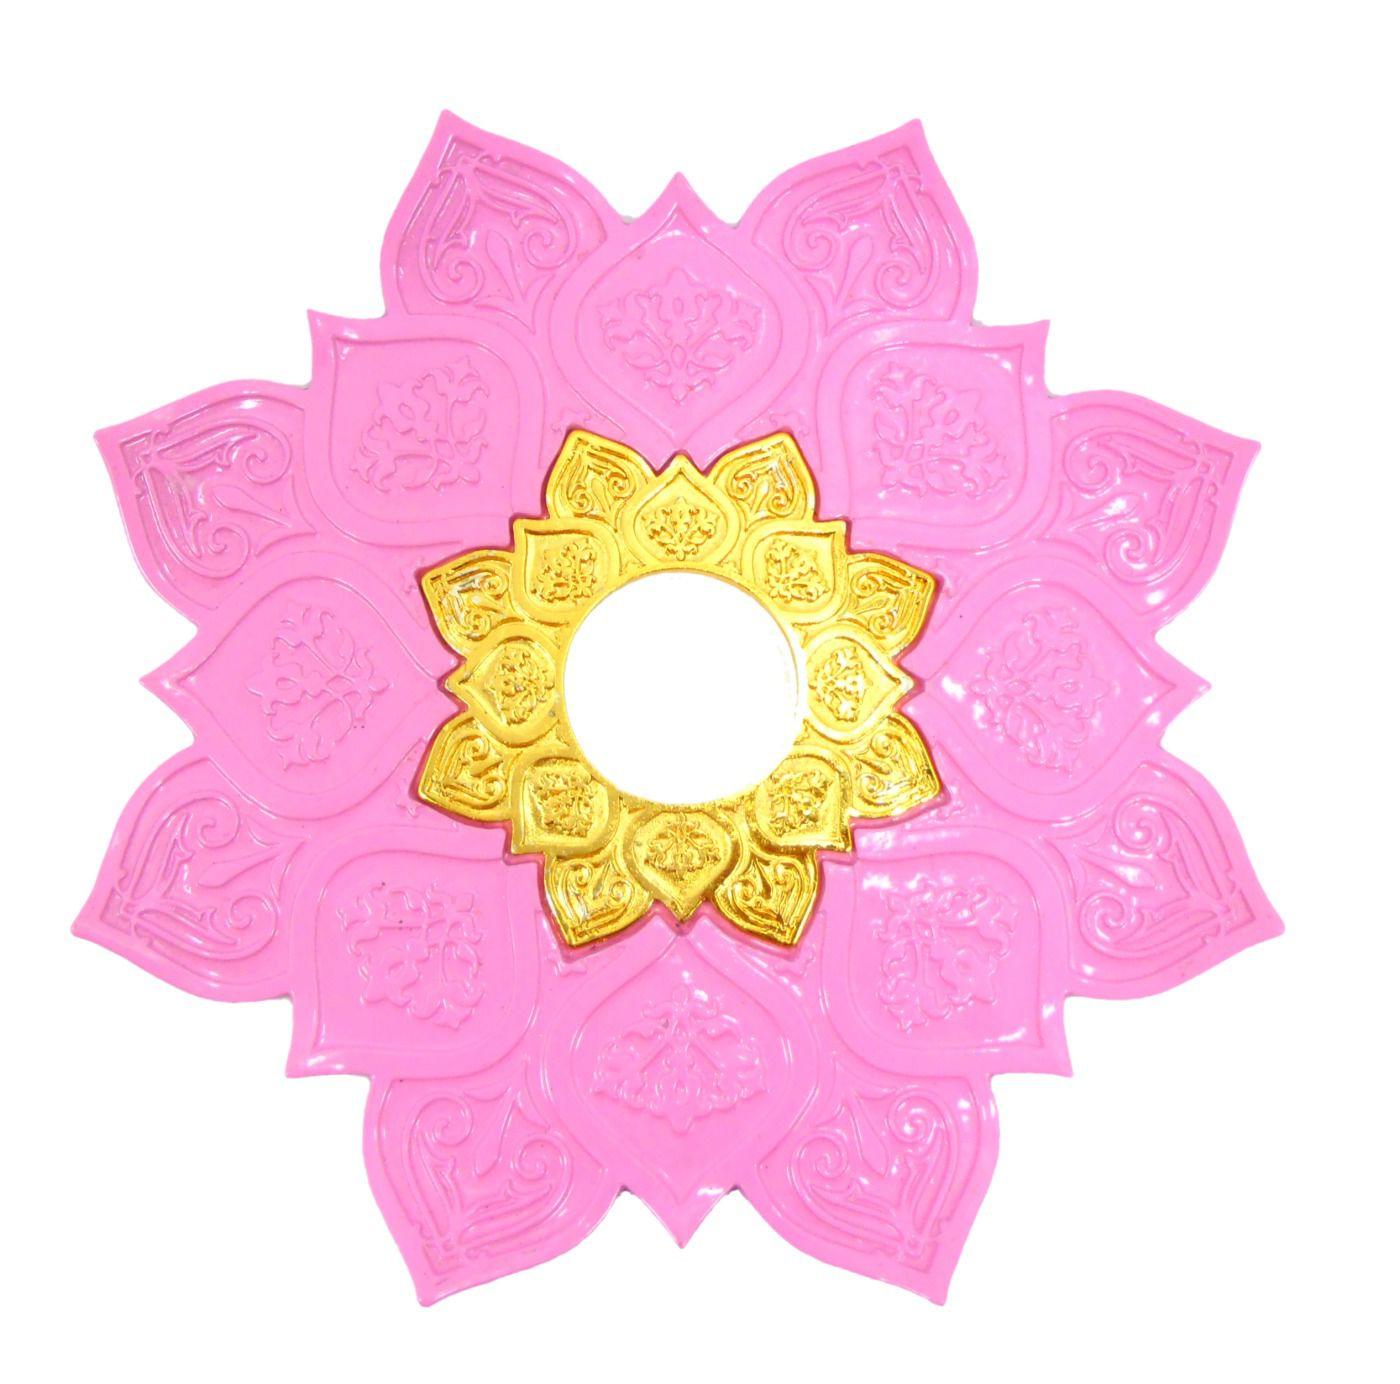 Prato para narguile mod. Athenas 23cm em liga metálica inox e decorado. Cor ROSA CLARO.